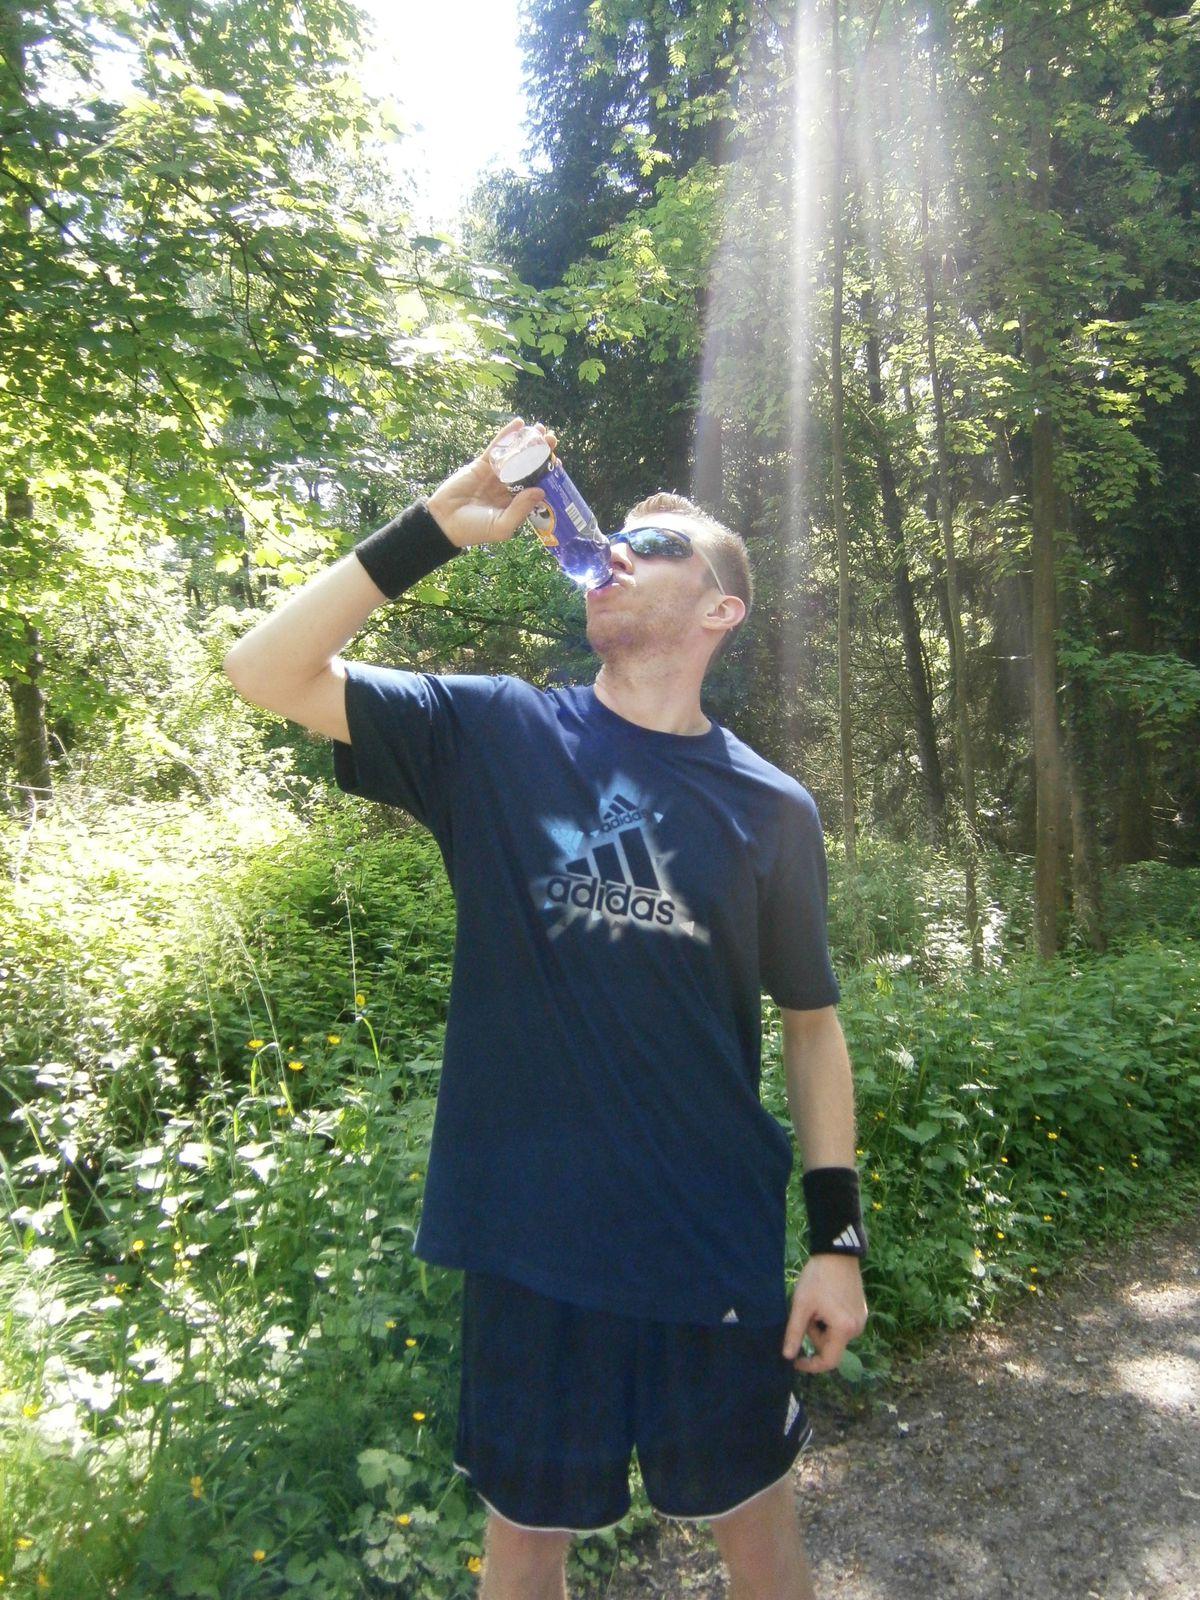 La bonne boisson l 39 eau ou les boissons isotoniques run n move - Quantite boisson par personne ...